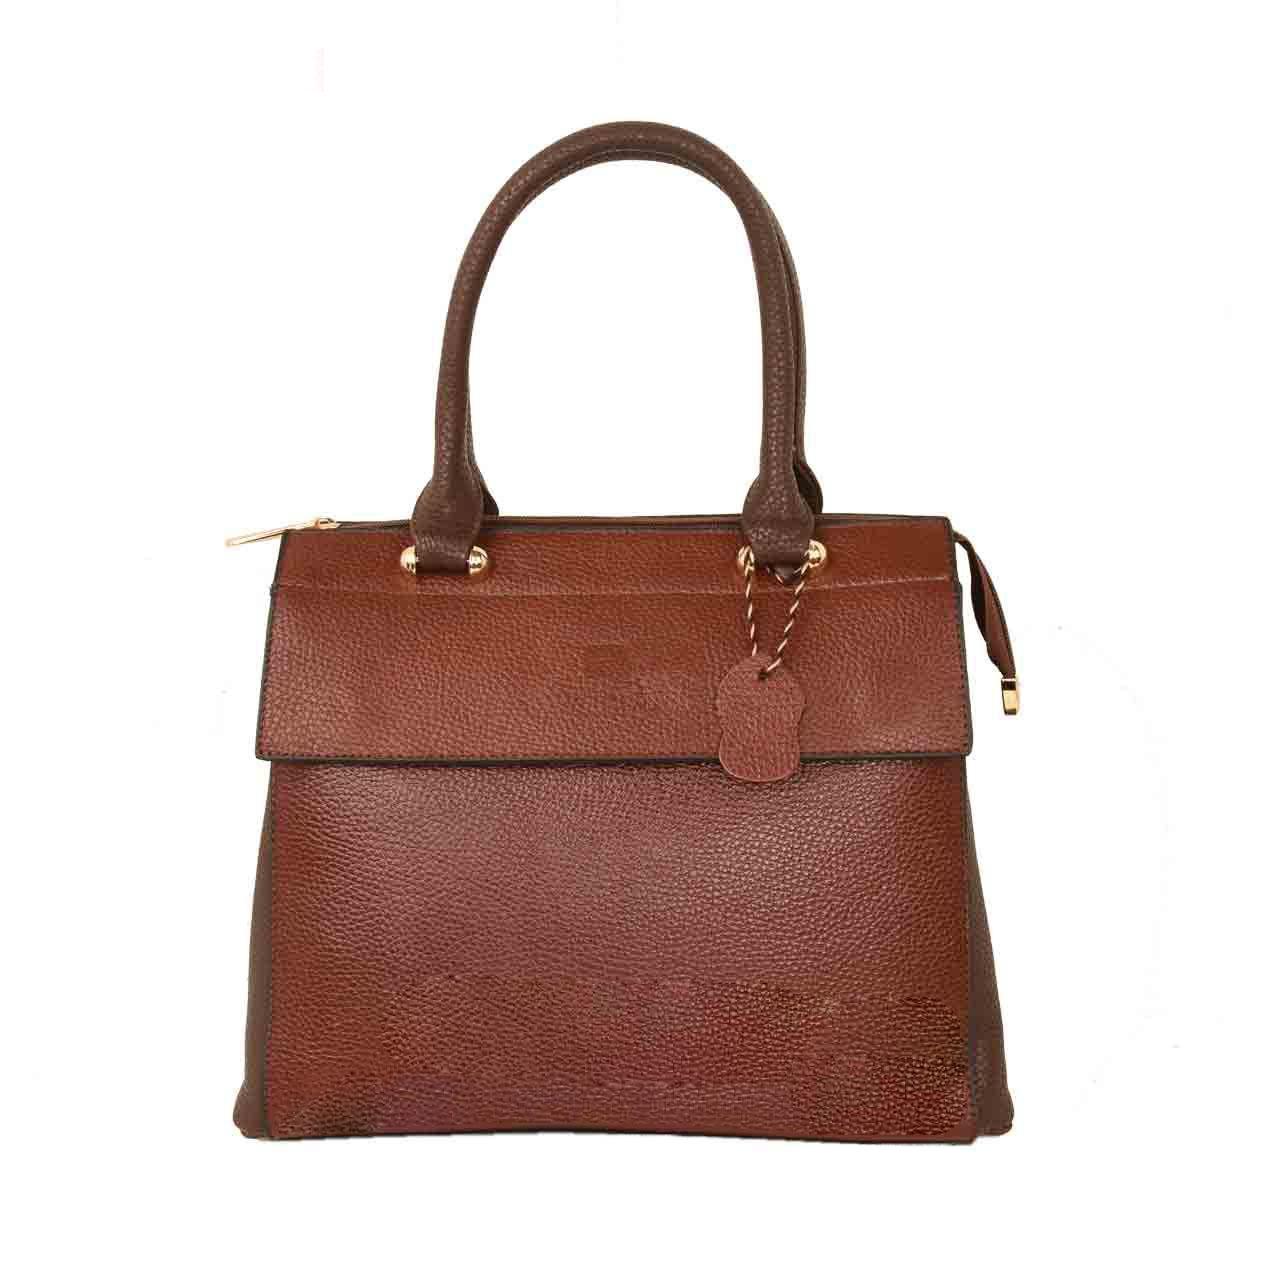 کیف دستی زنانه پارینه چرم مدل PlV145-7-1495